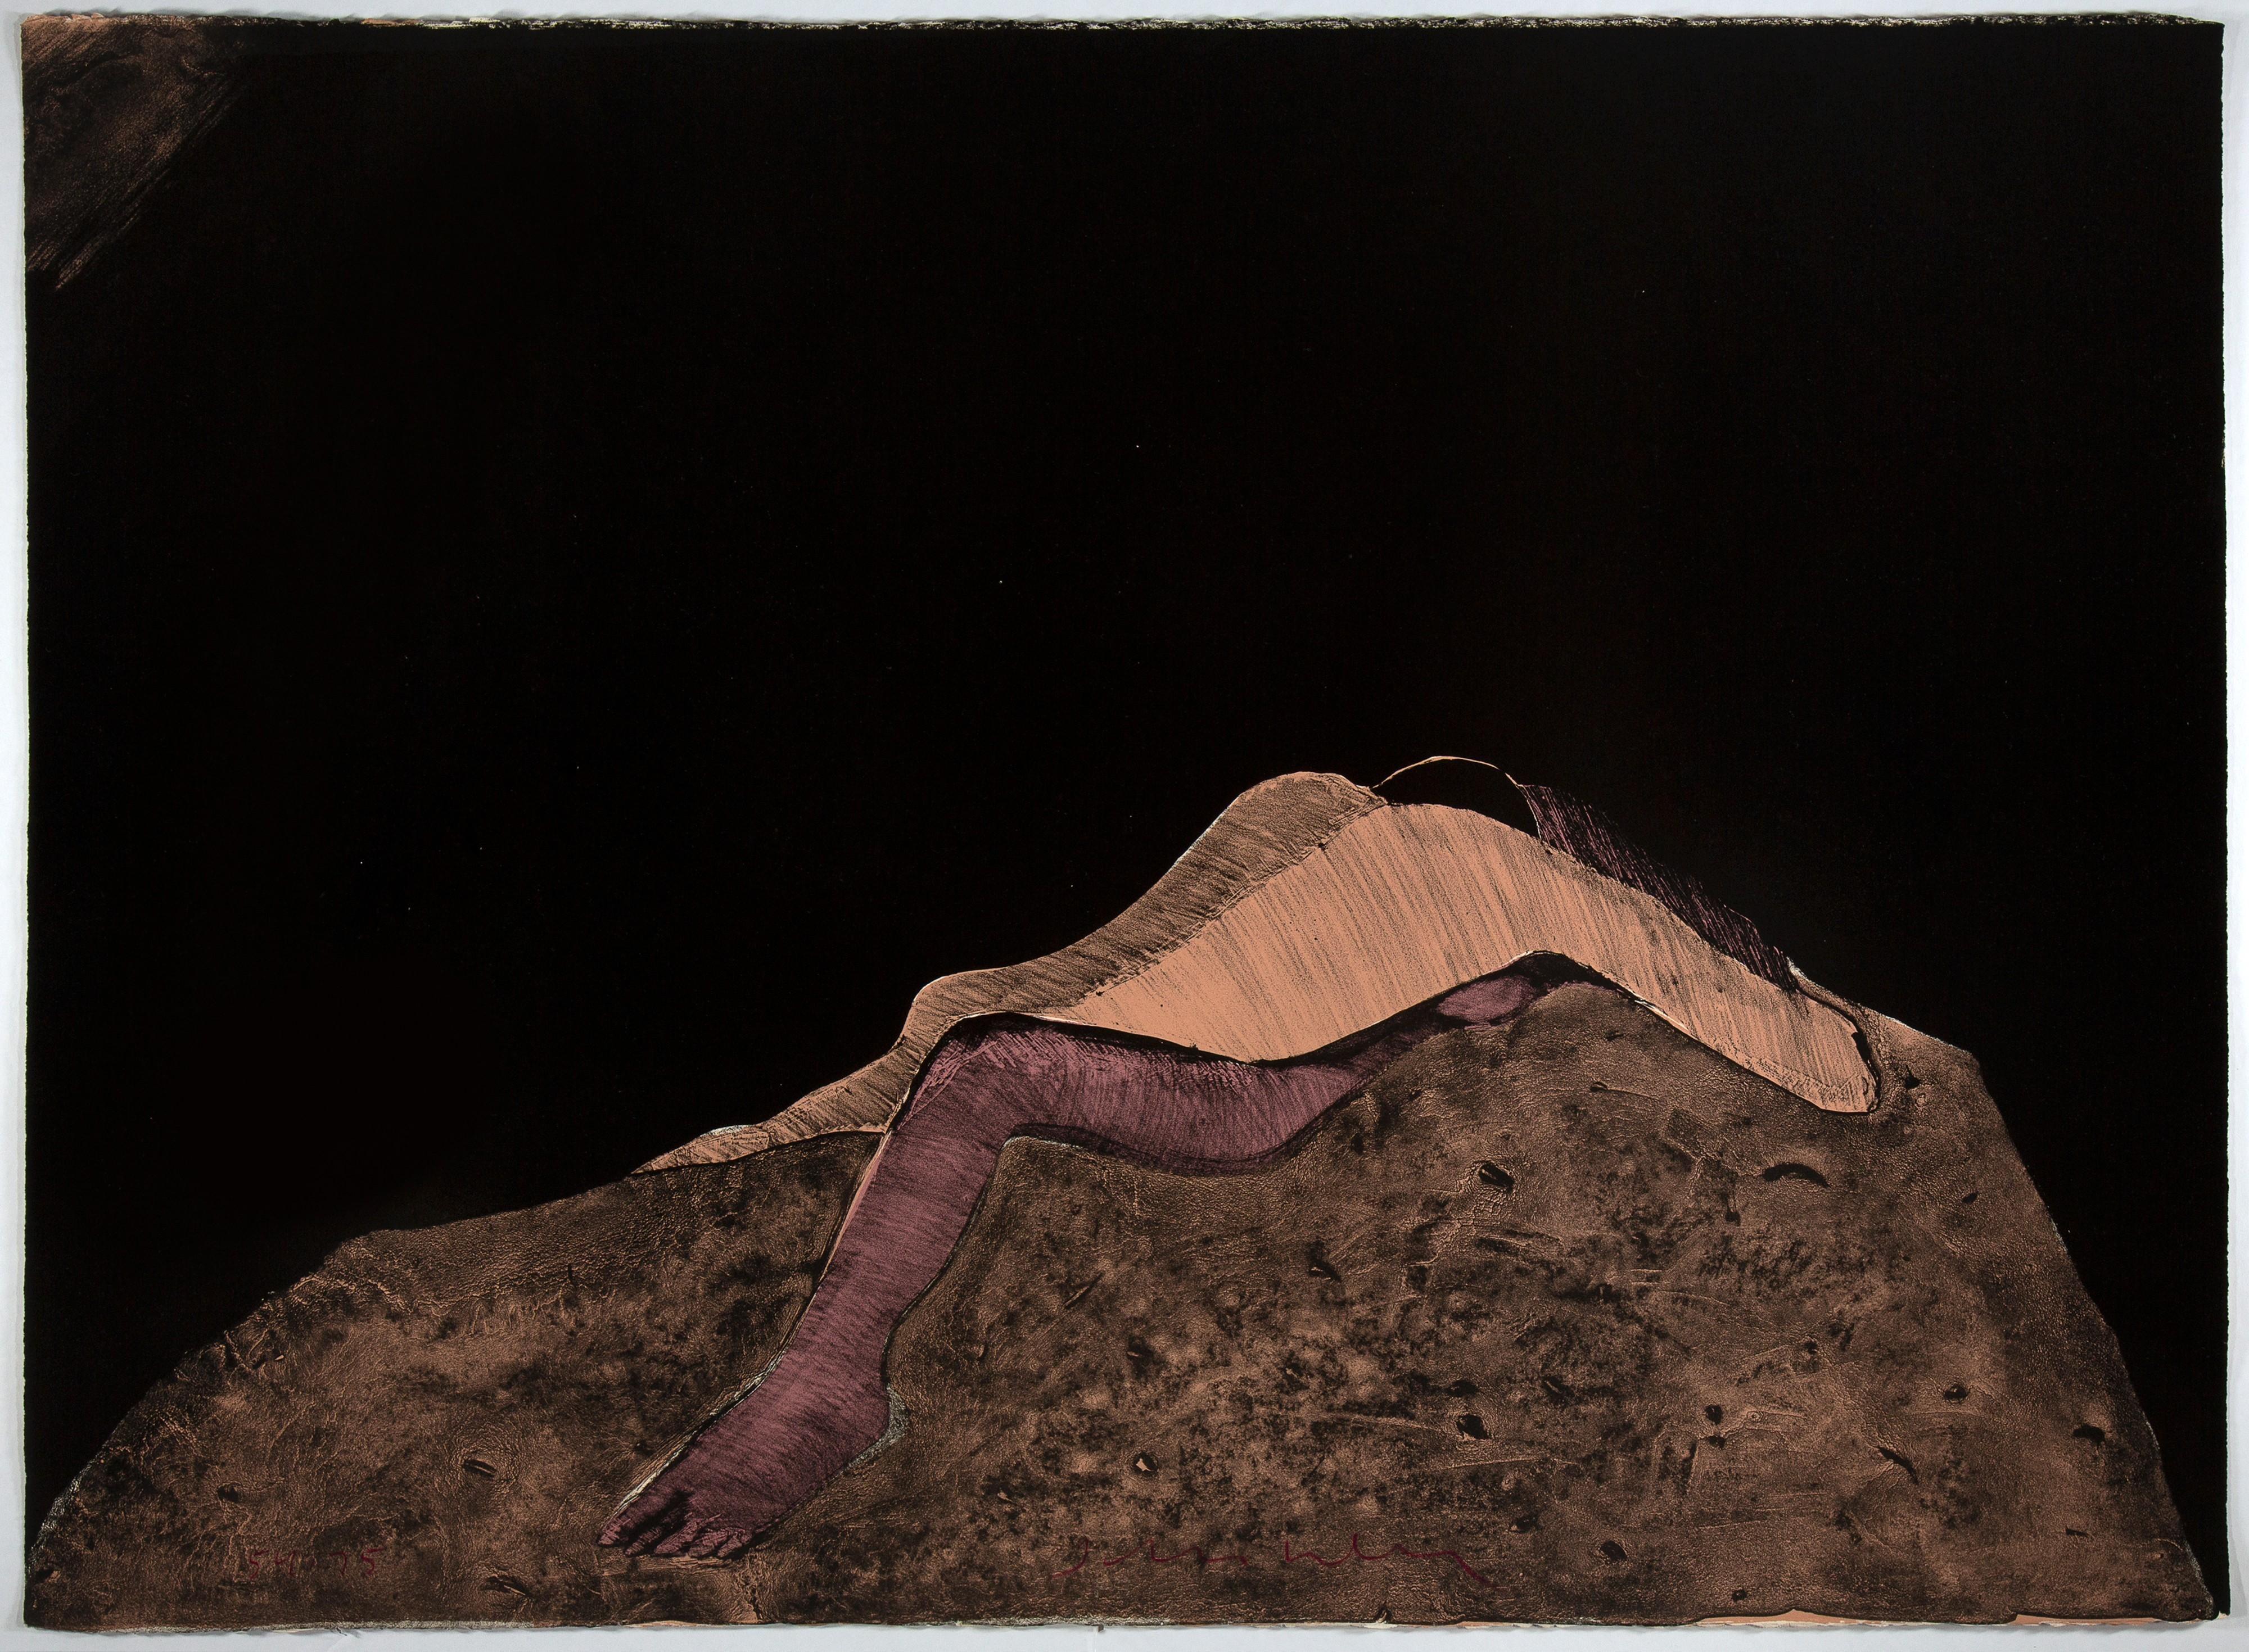 Fritz Scholder, Third Dream, 1981